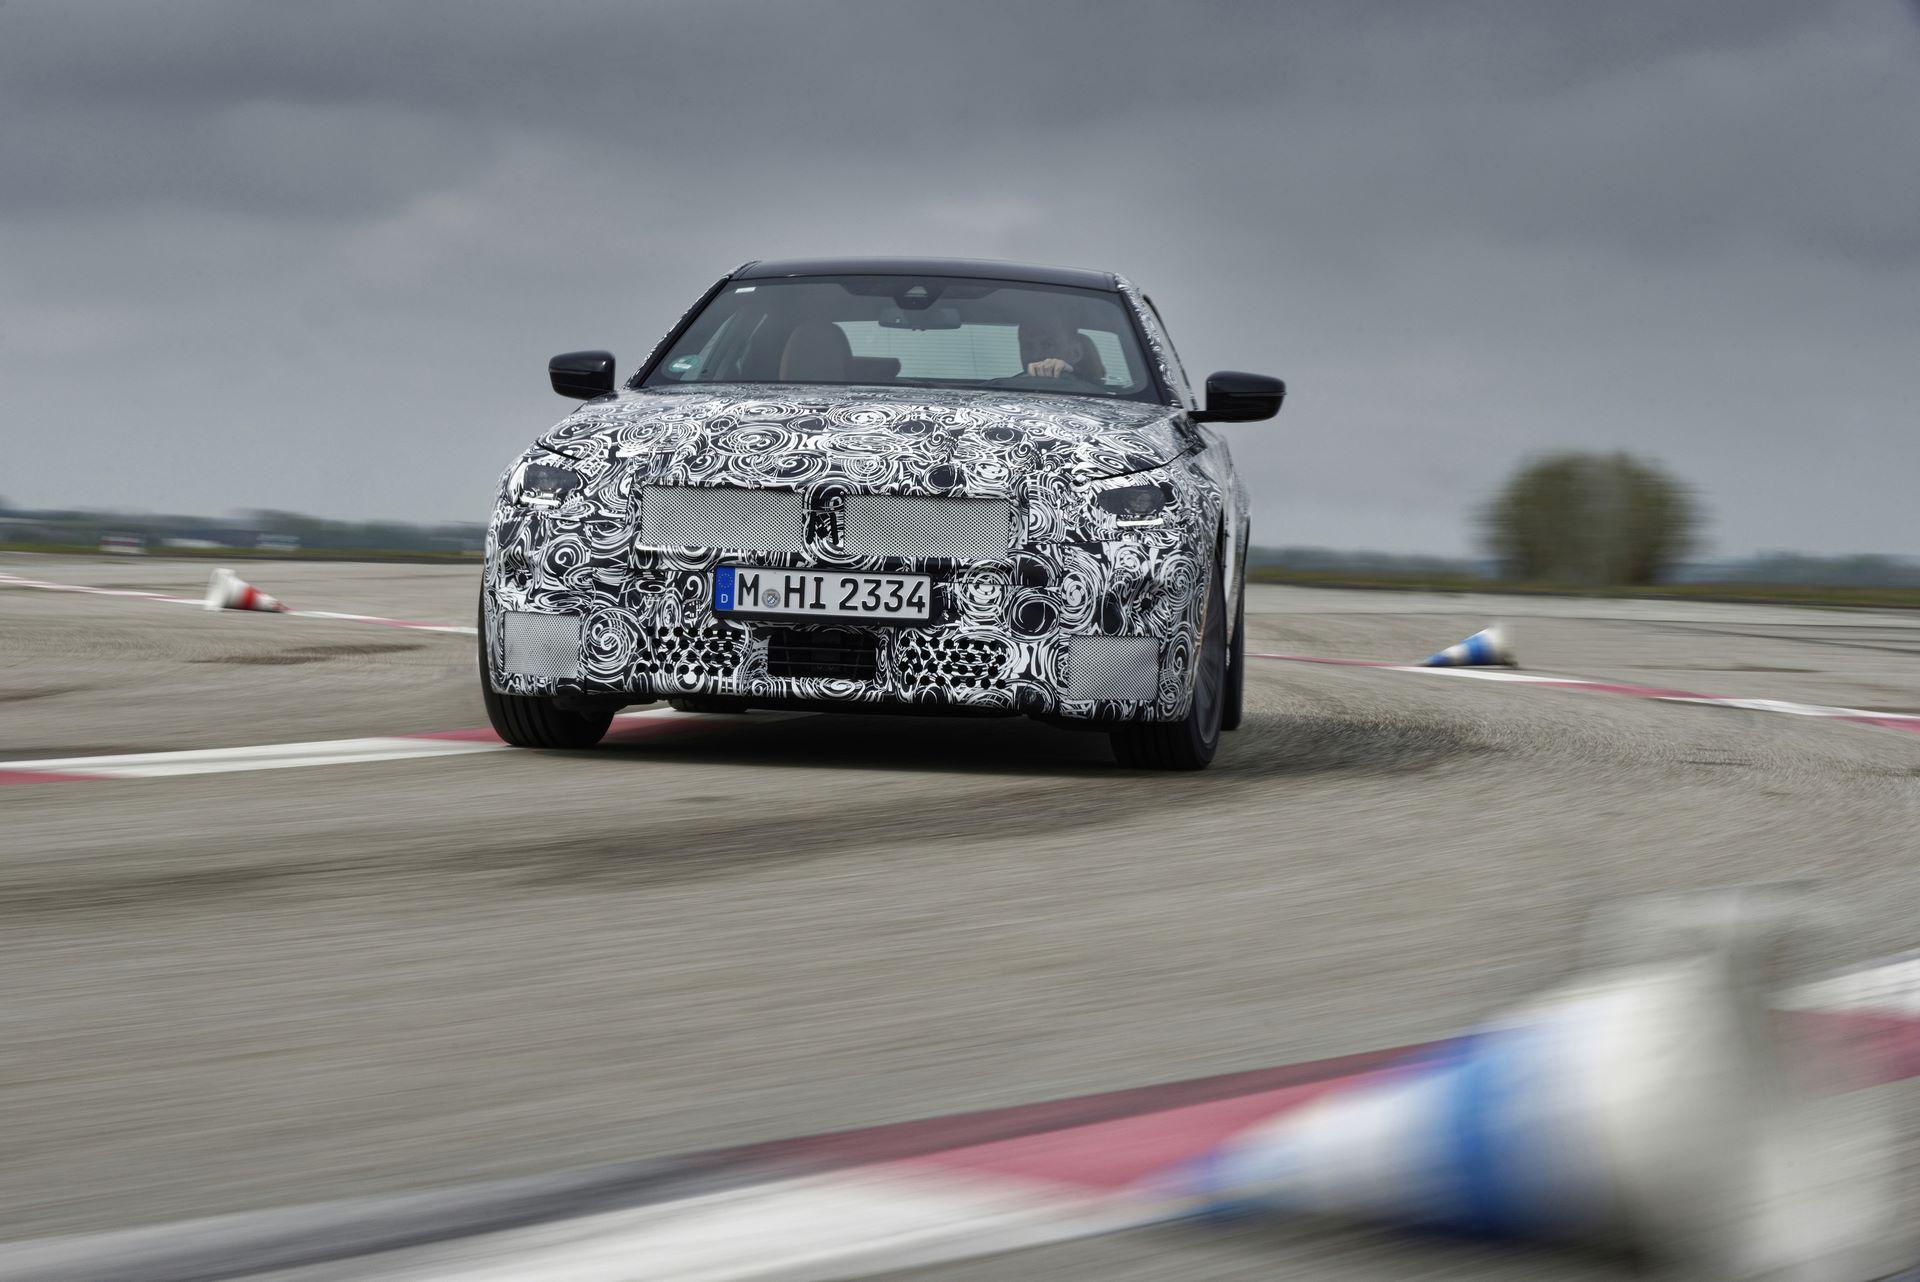 BMW-2-Series-M240i-spy-photos-21